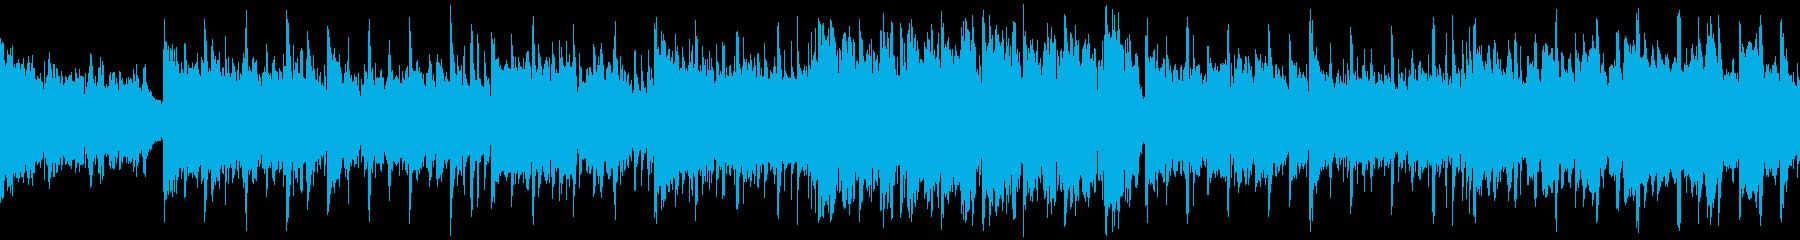 アコギのアシッドジャズ【ループ素材系】の再生済みの波形